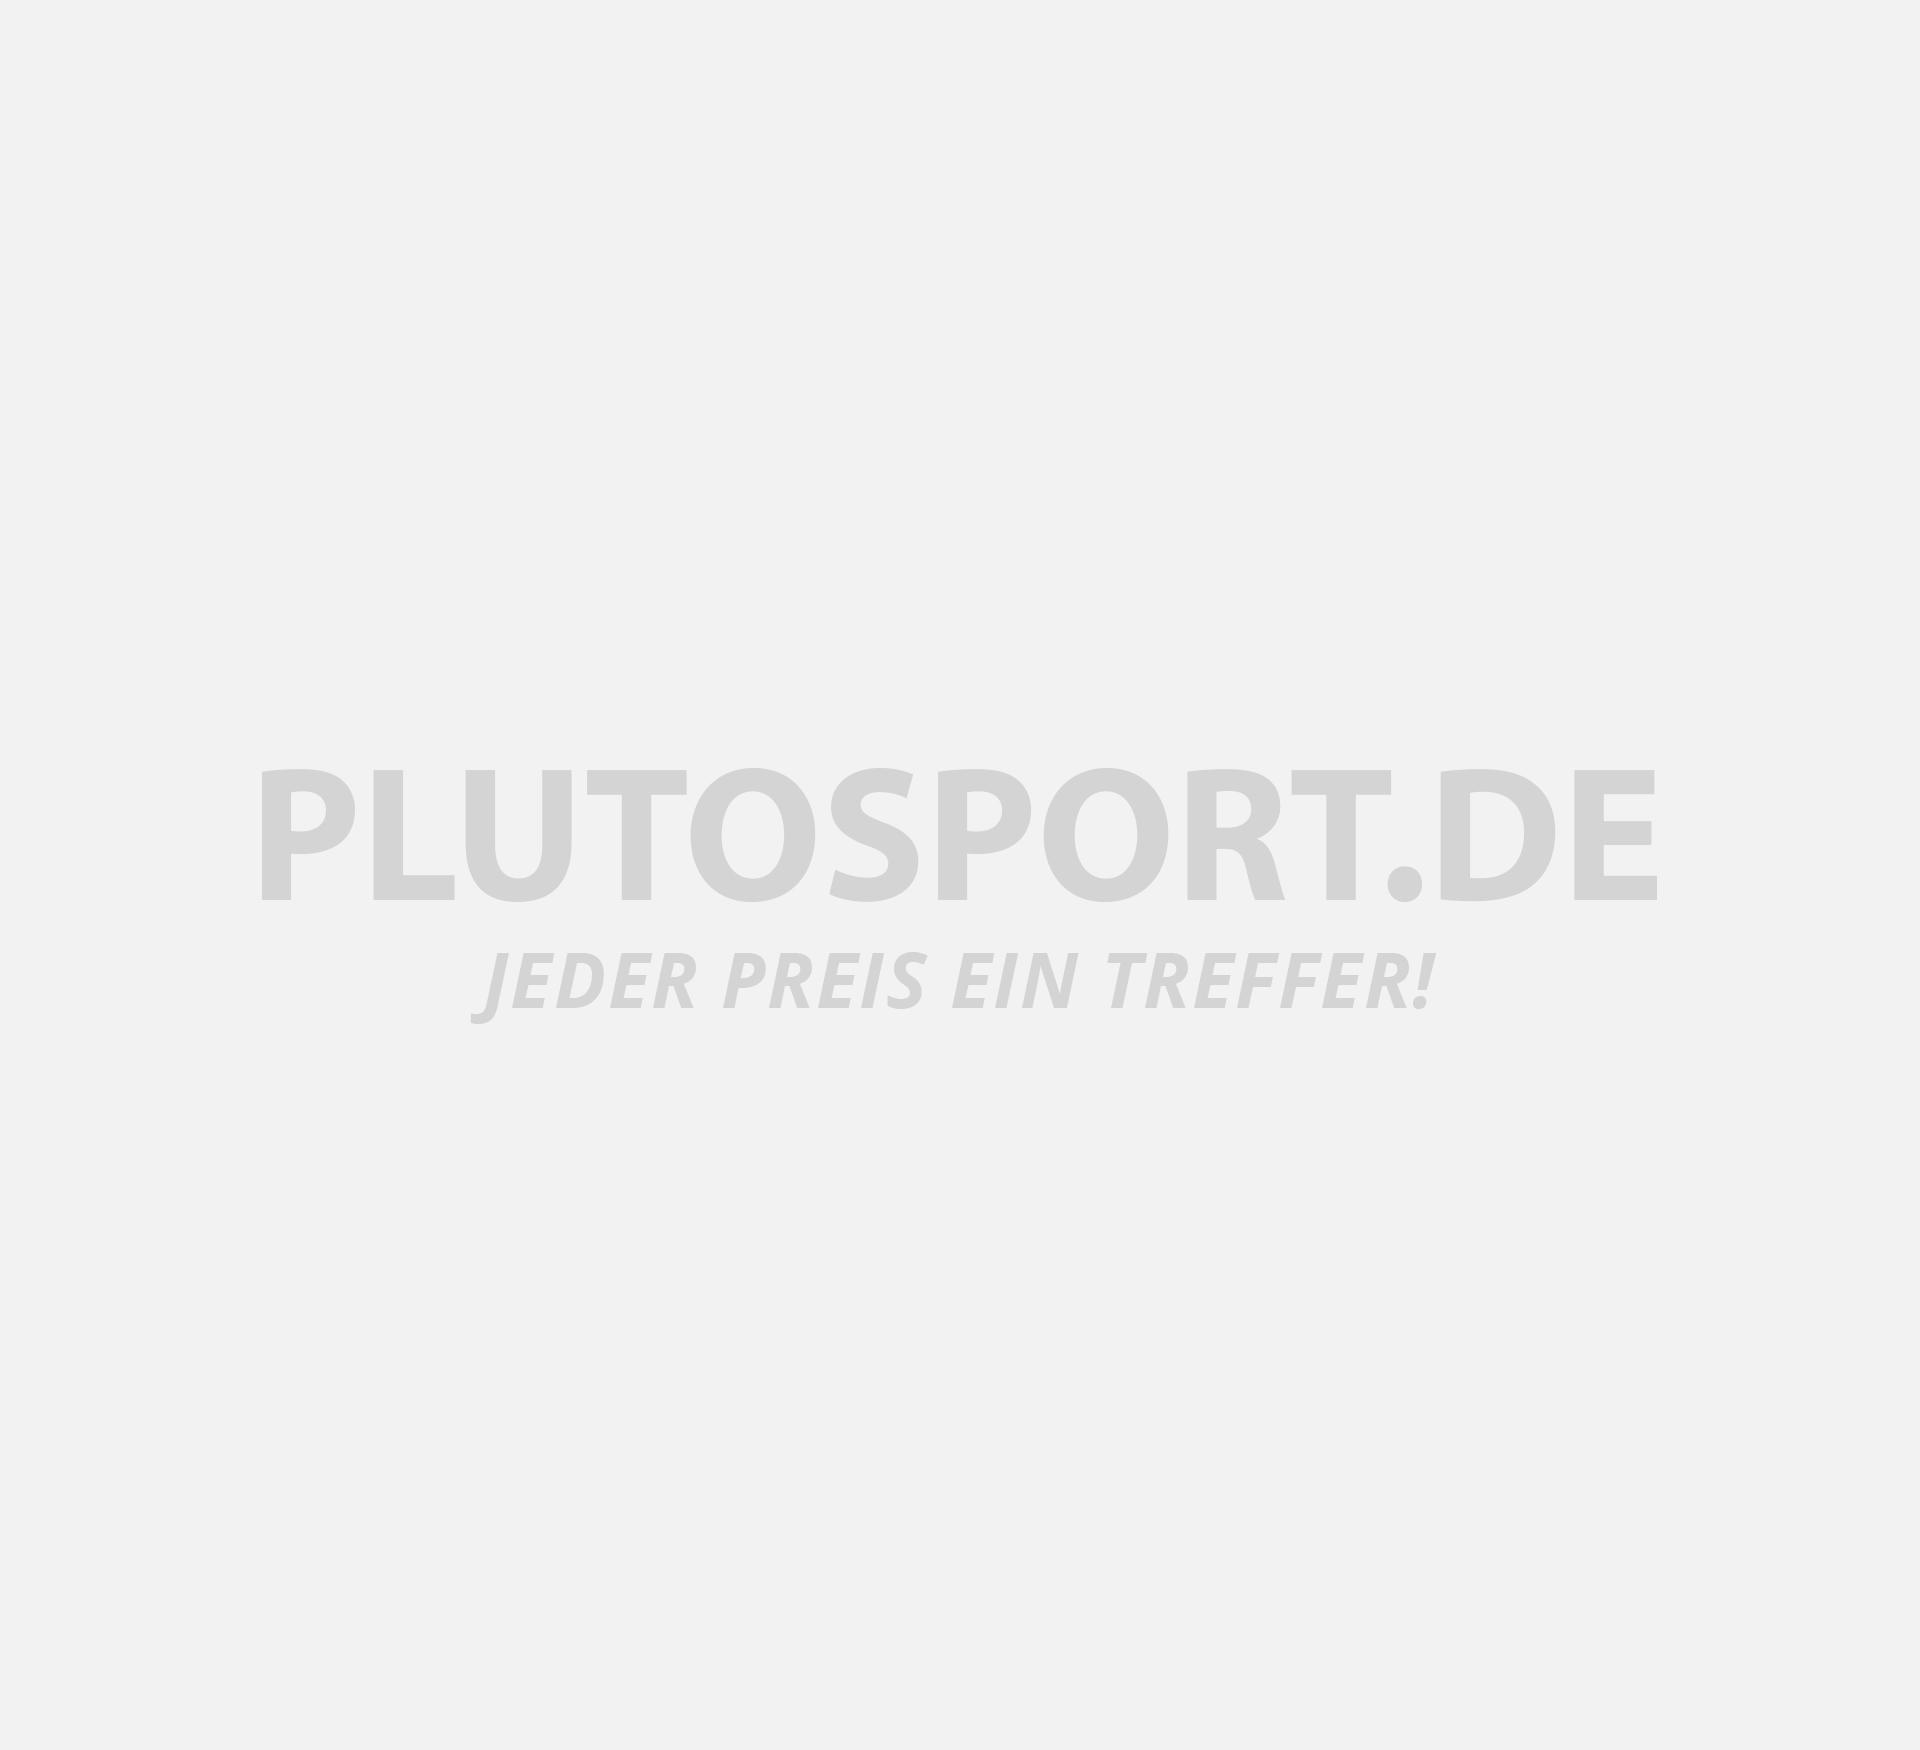 Adidas Nemeziz Messi 17.4 FxG Mit festen Stollen Fußballschuhe ... Überlegene Qualität